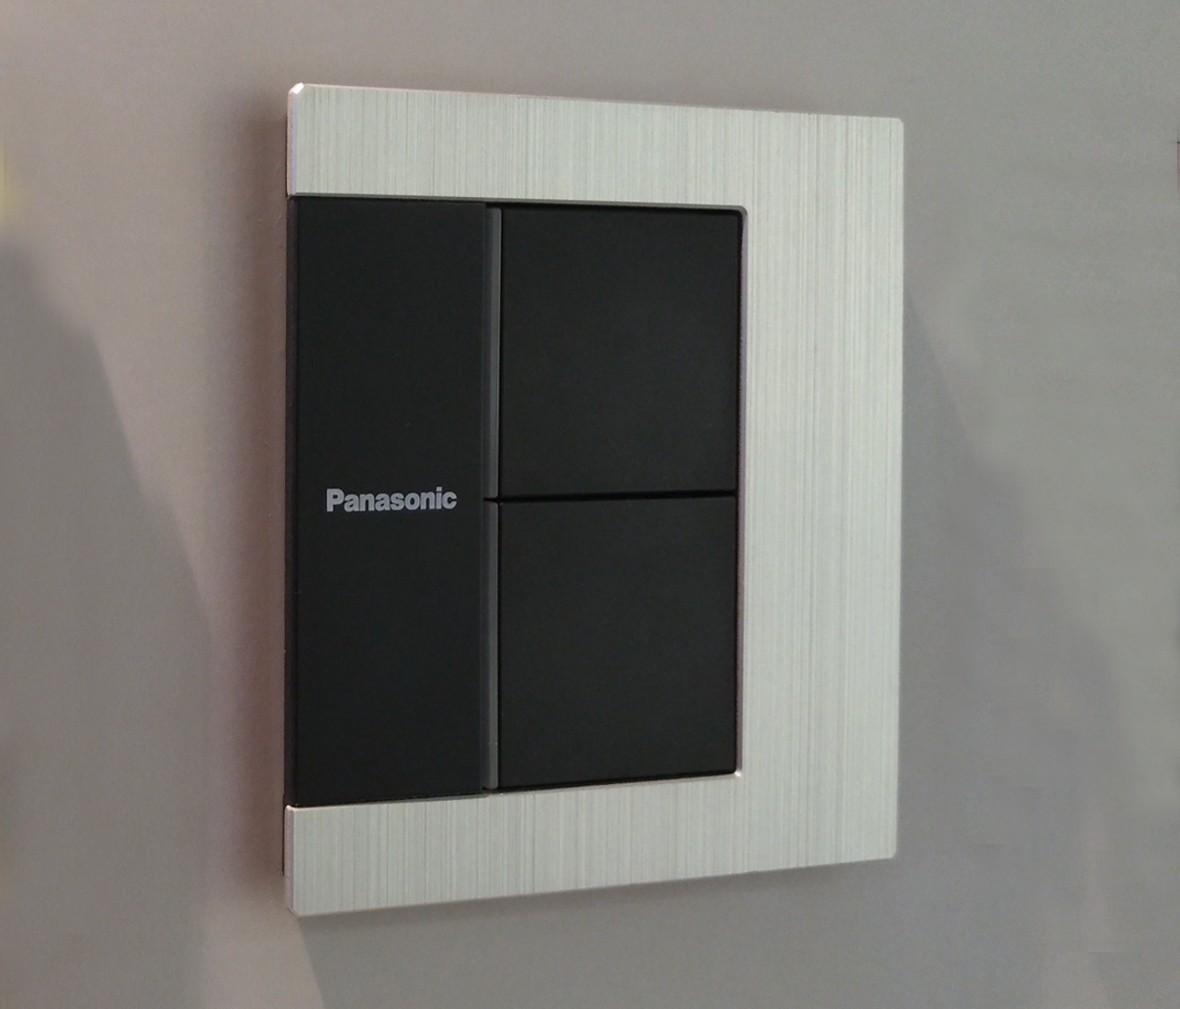 松下灯饰 LEVELART系列 双开双控开关 耐高温 防漏电 PC材质 实拍